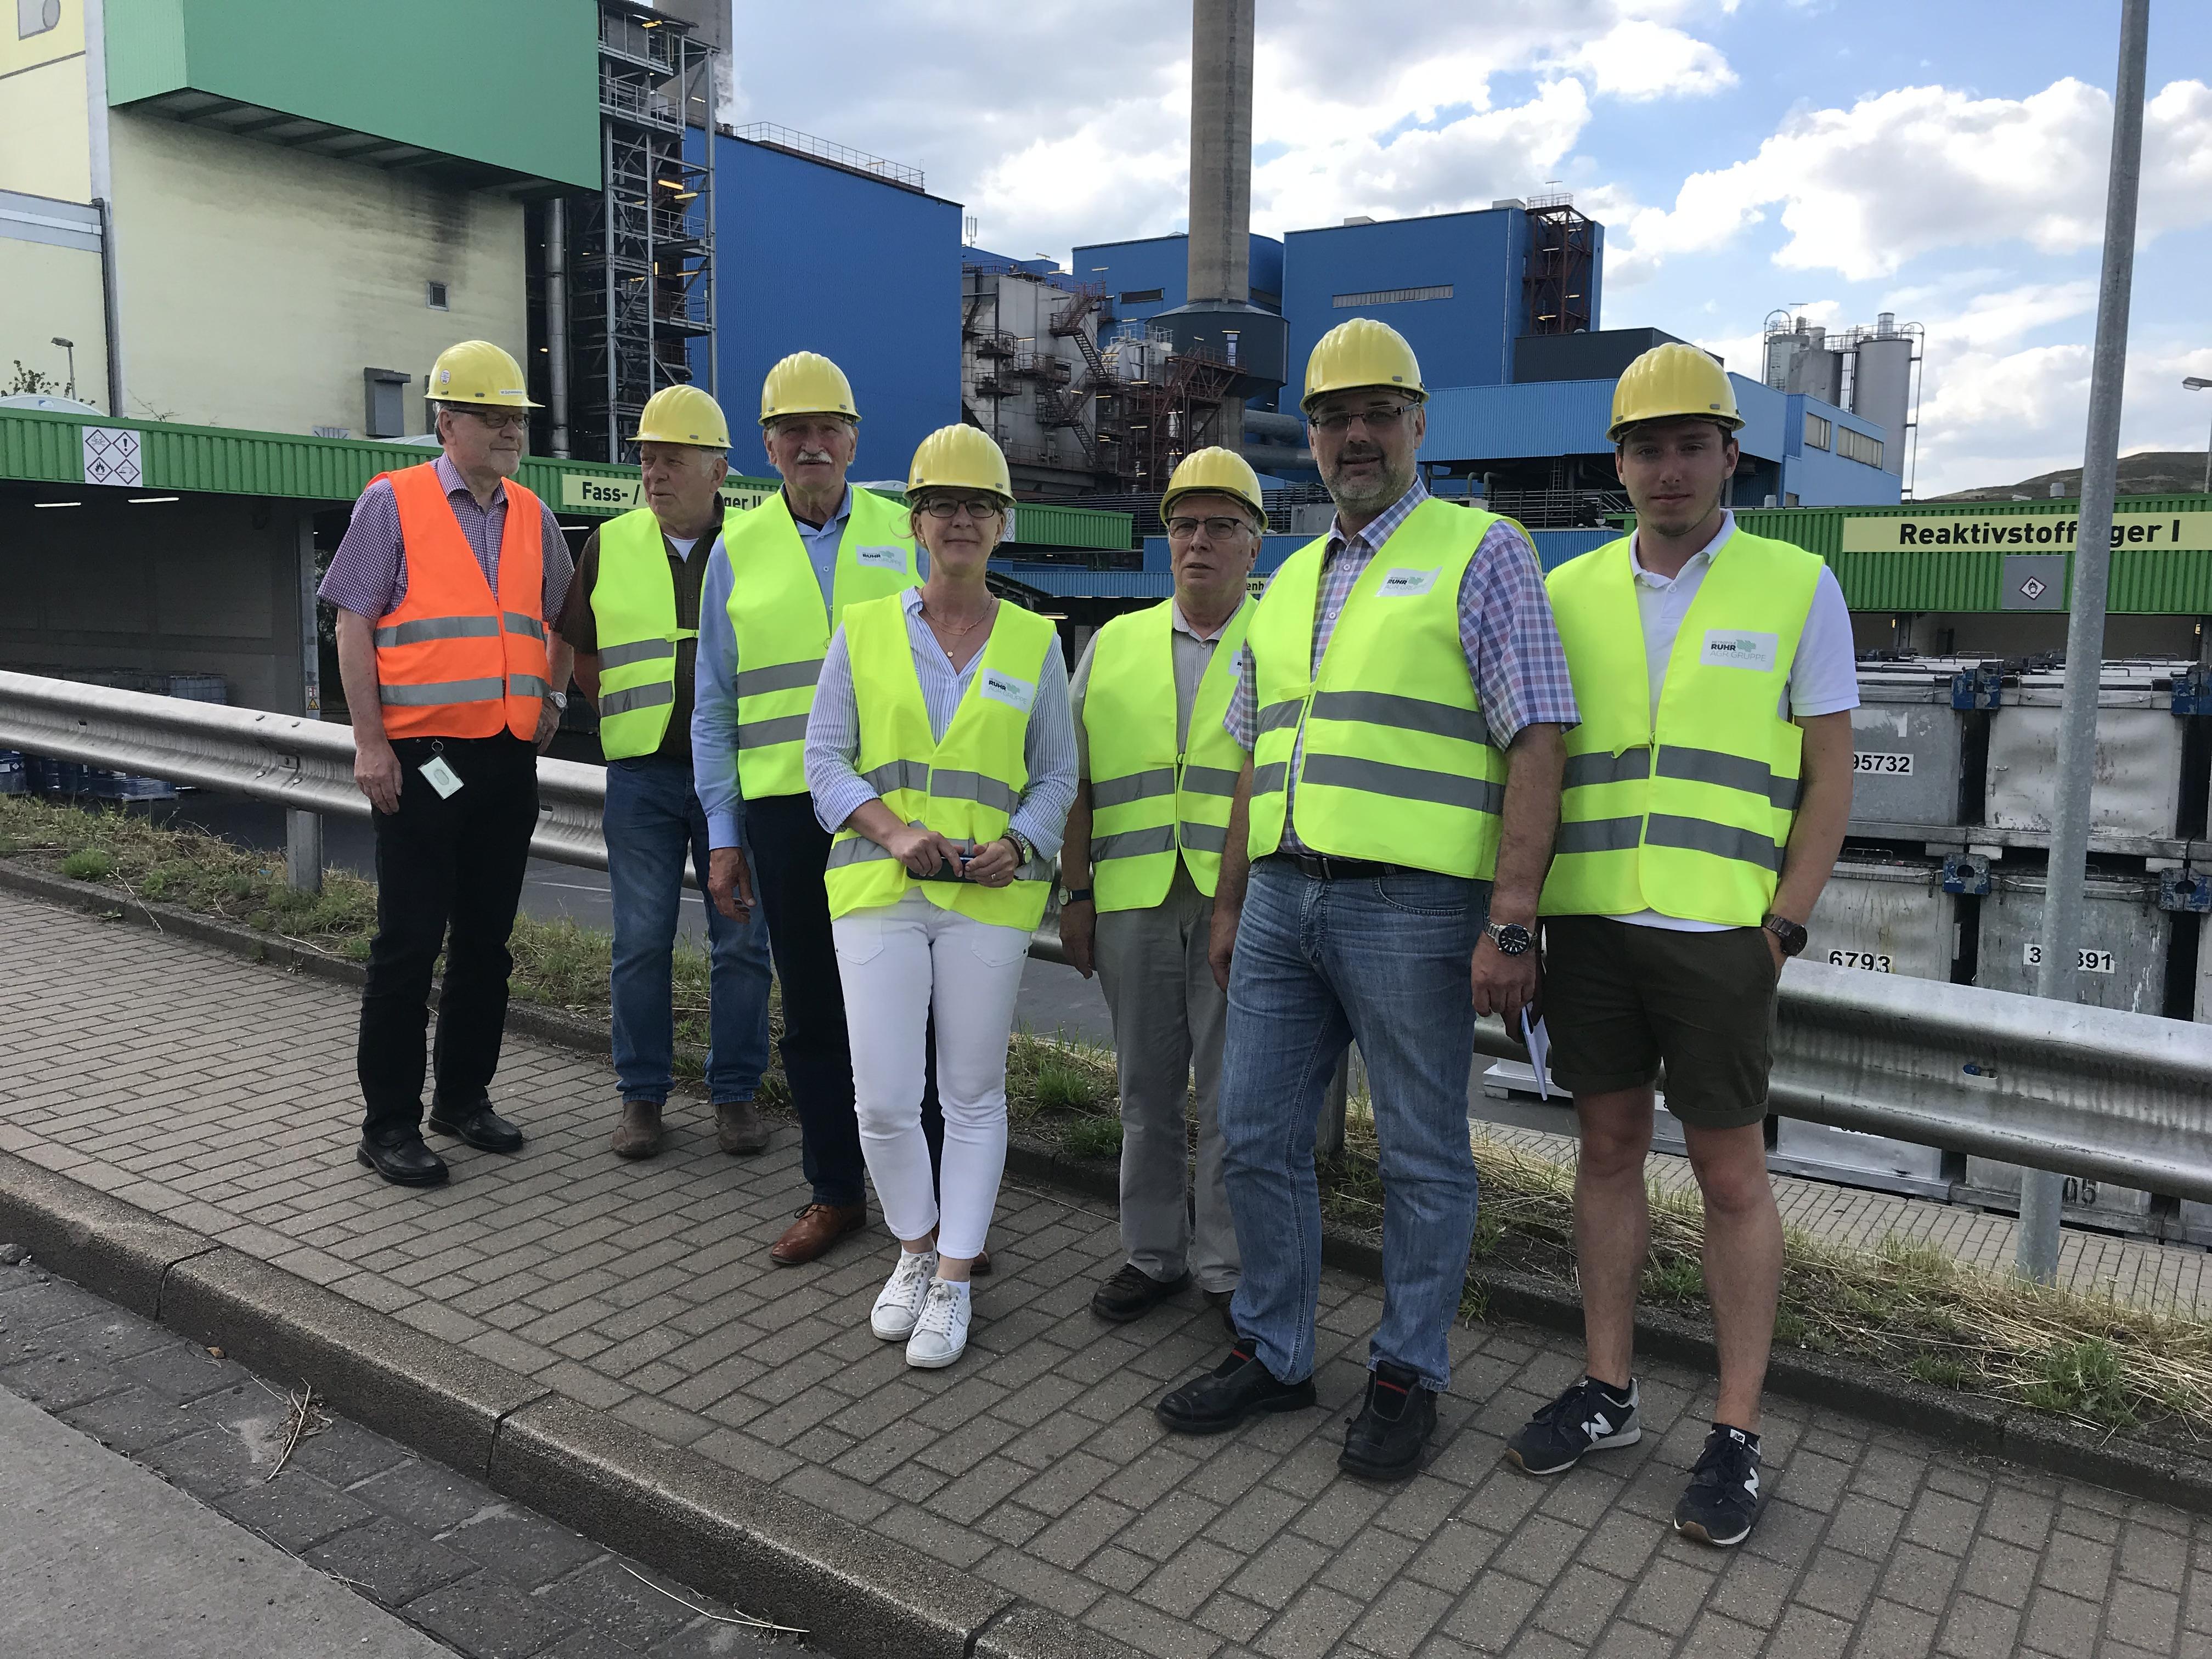 Besuch des Abfallkraftwerks RZR in Herten